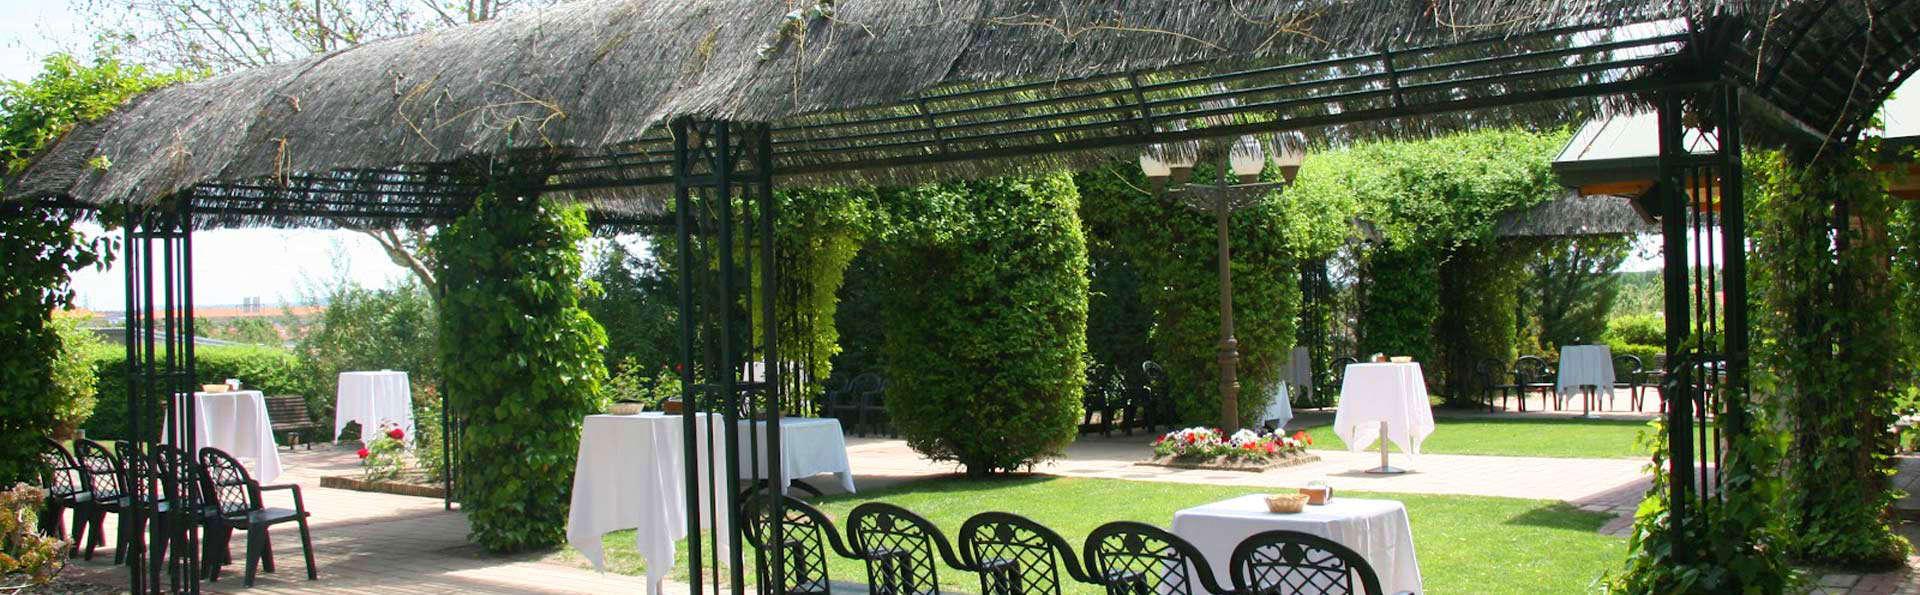 Escapada perfecta para desconectar y sentirte en medio de la naturaleza cerca de Valladolid